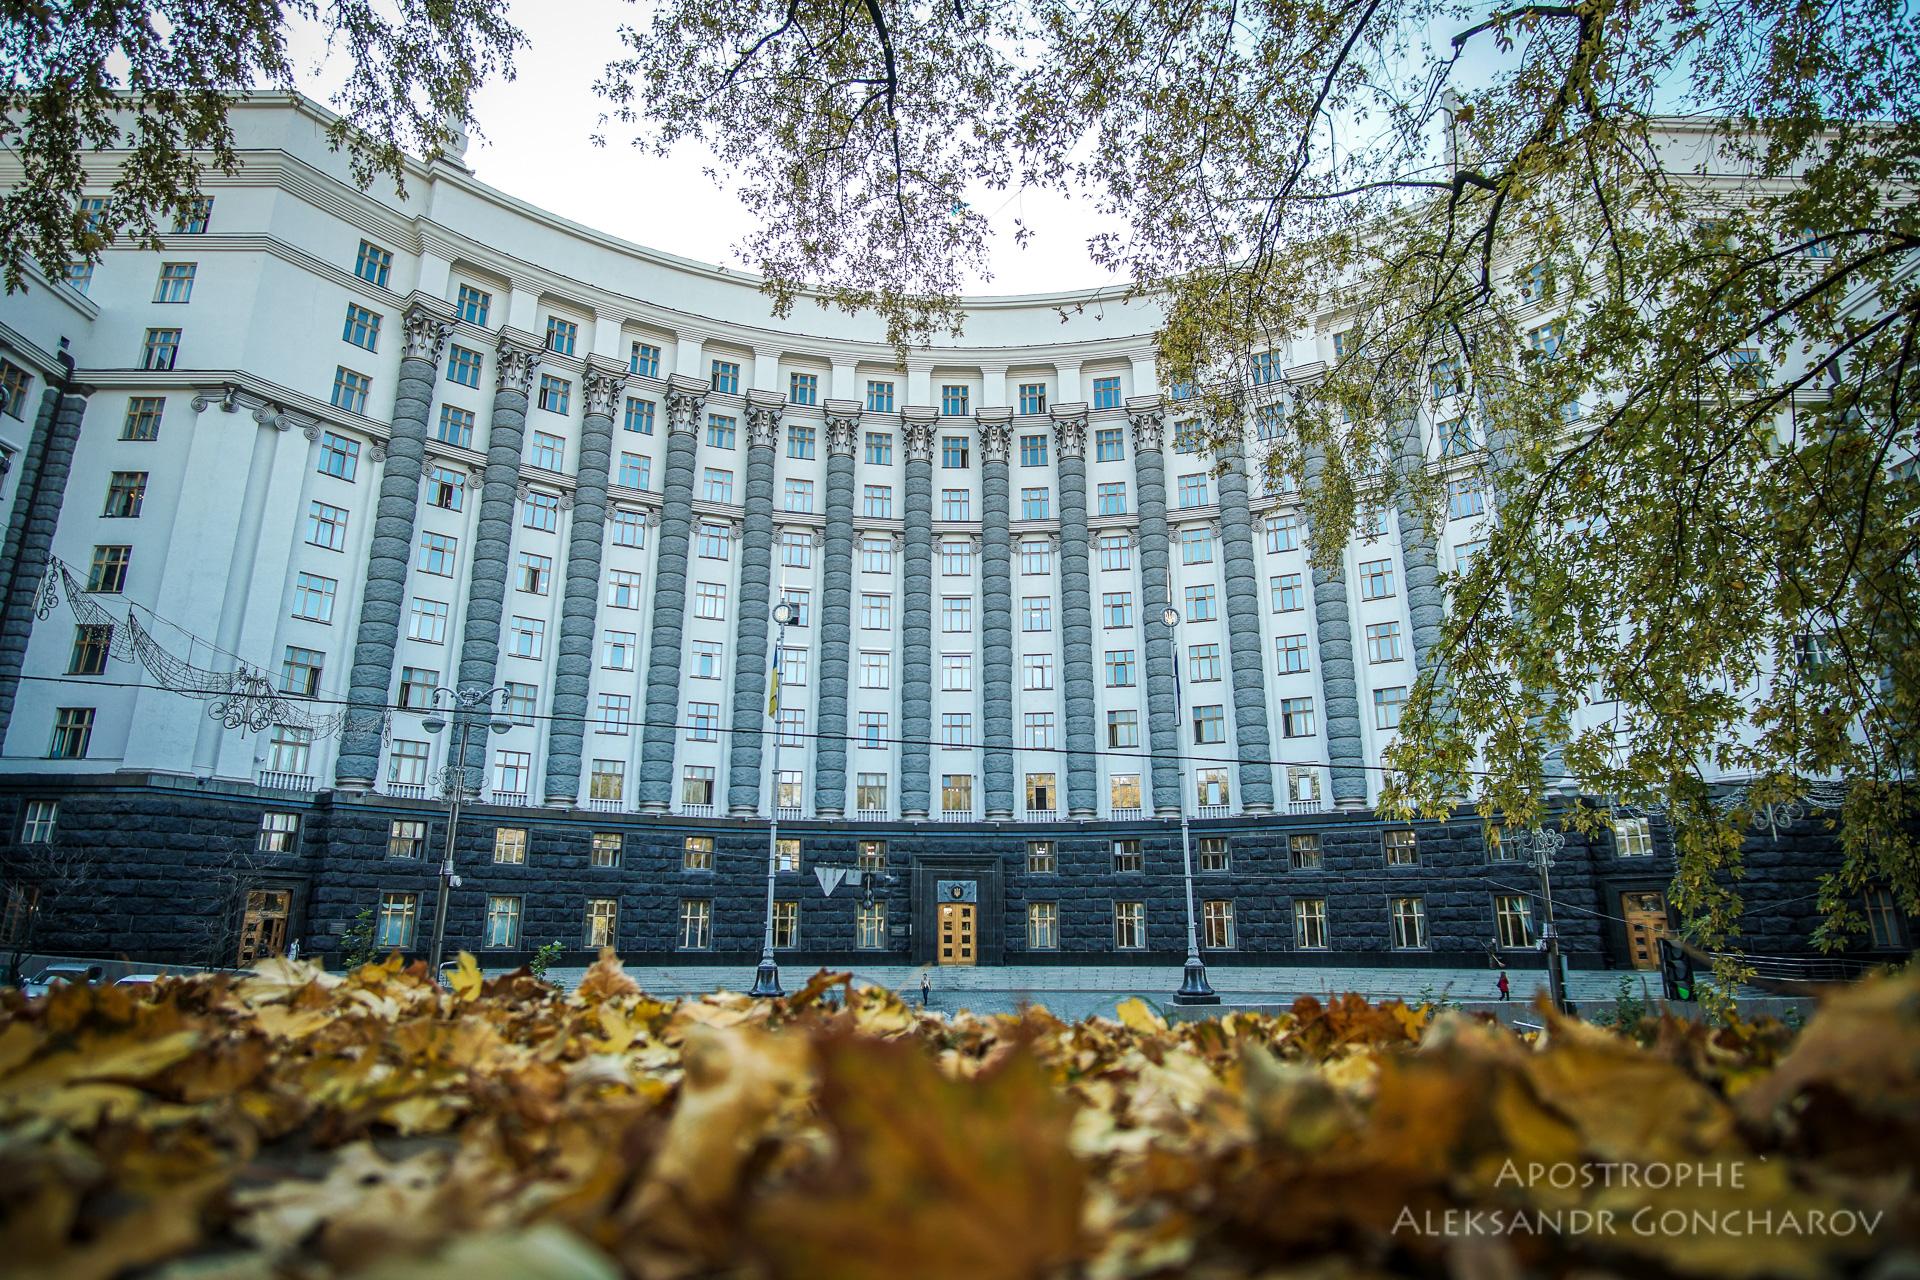 Кабмин заморозил бюджетные выплаты из-за дефицита в десятки миллиардов гривен